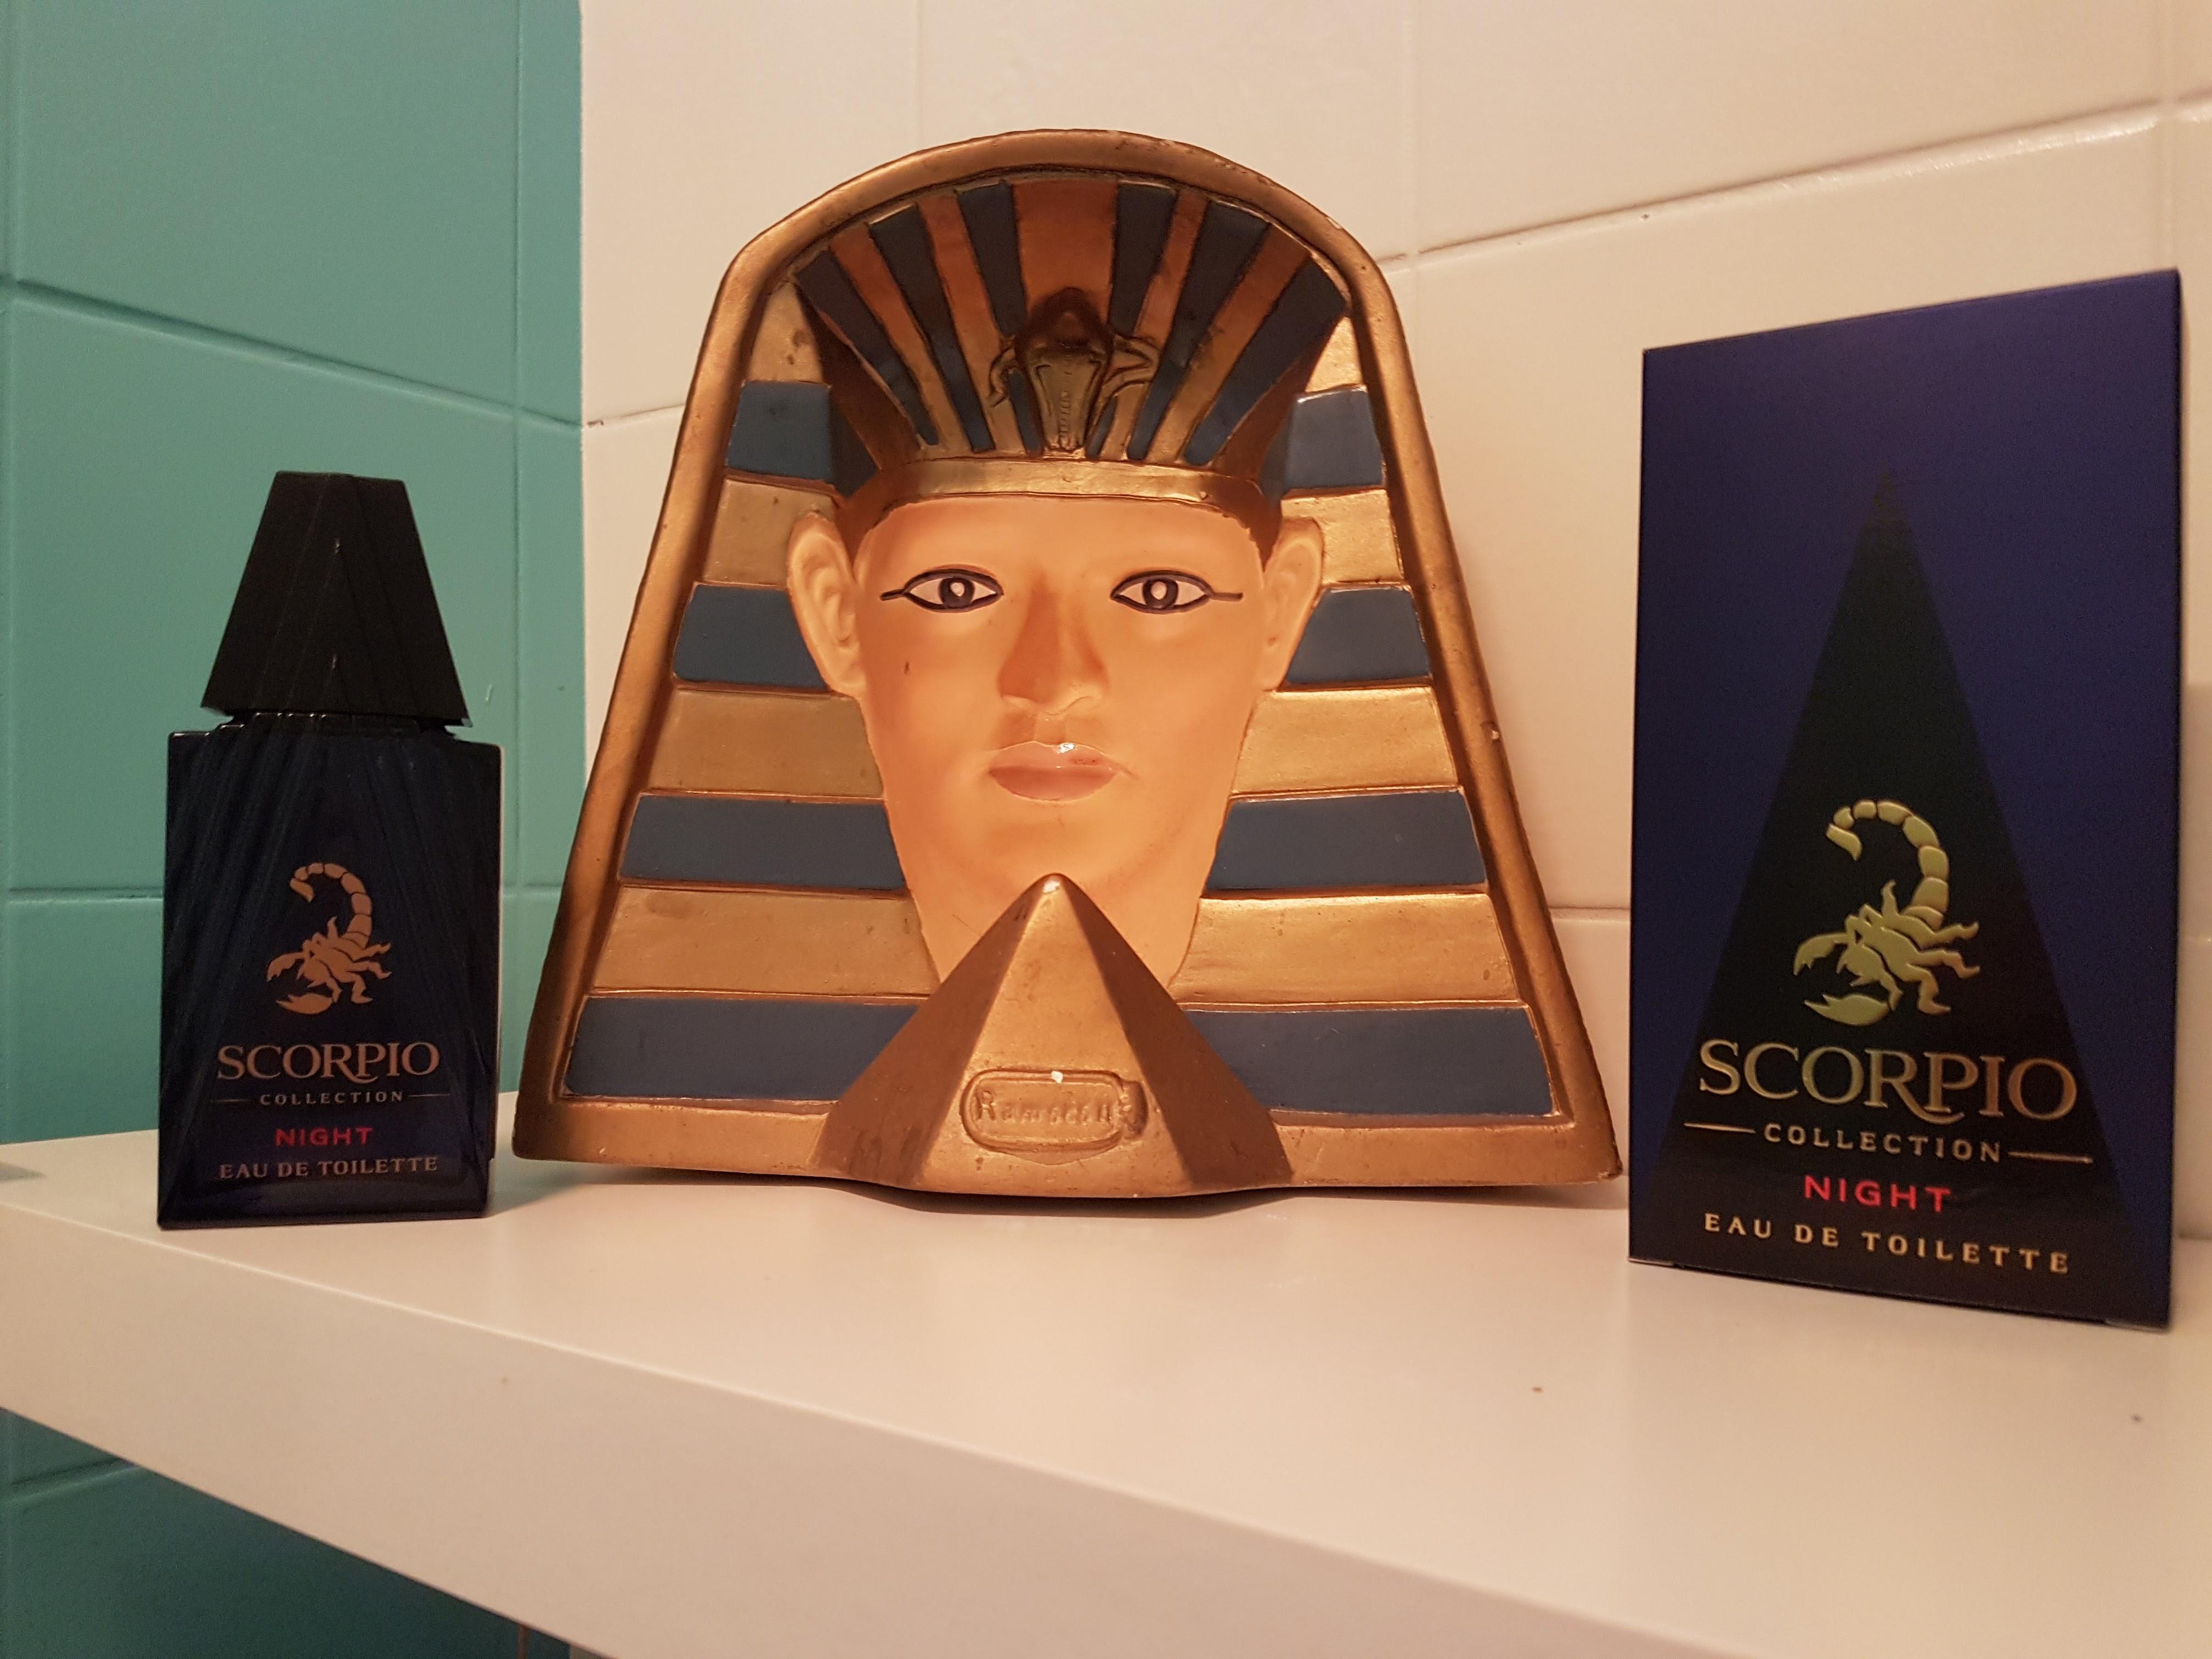 Scorpio-Collection-Night - Scorpio-Collection-Night-11.jpg